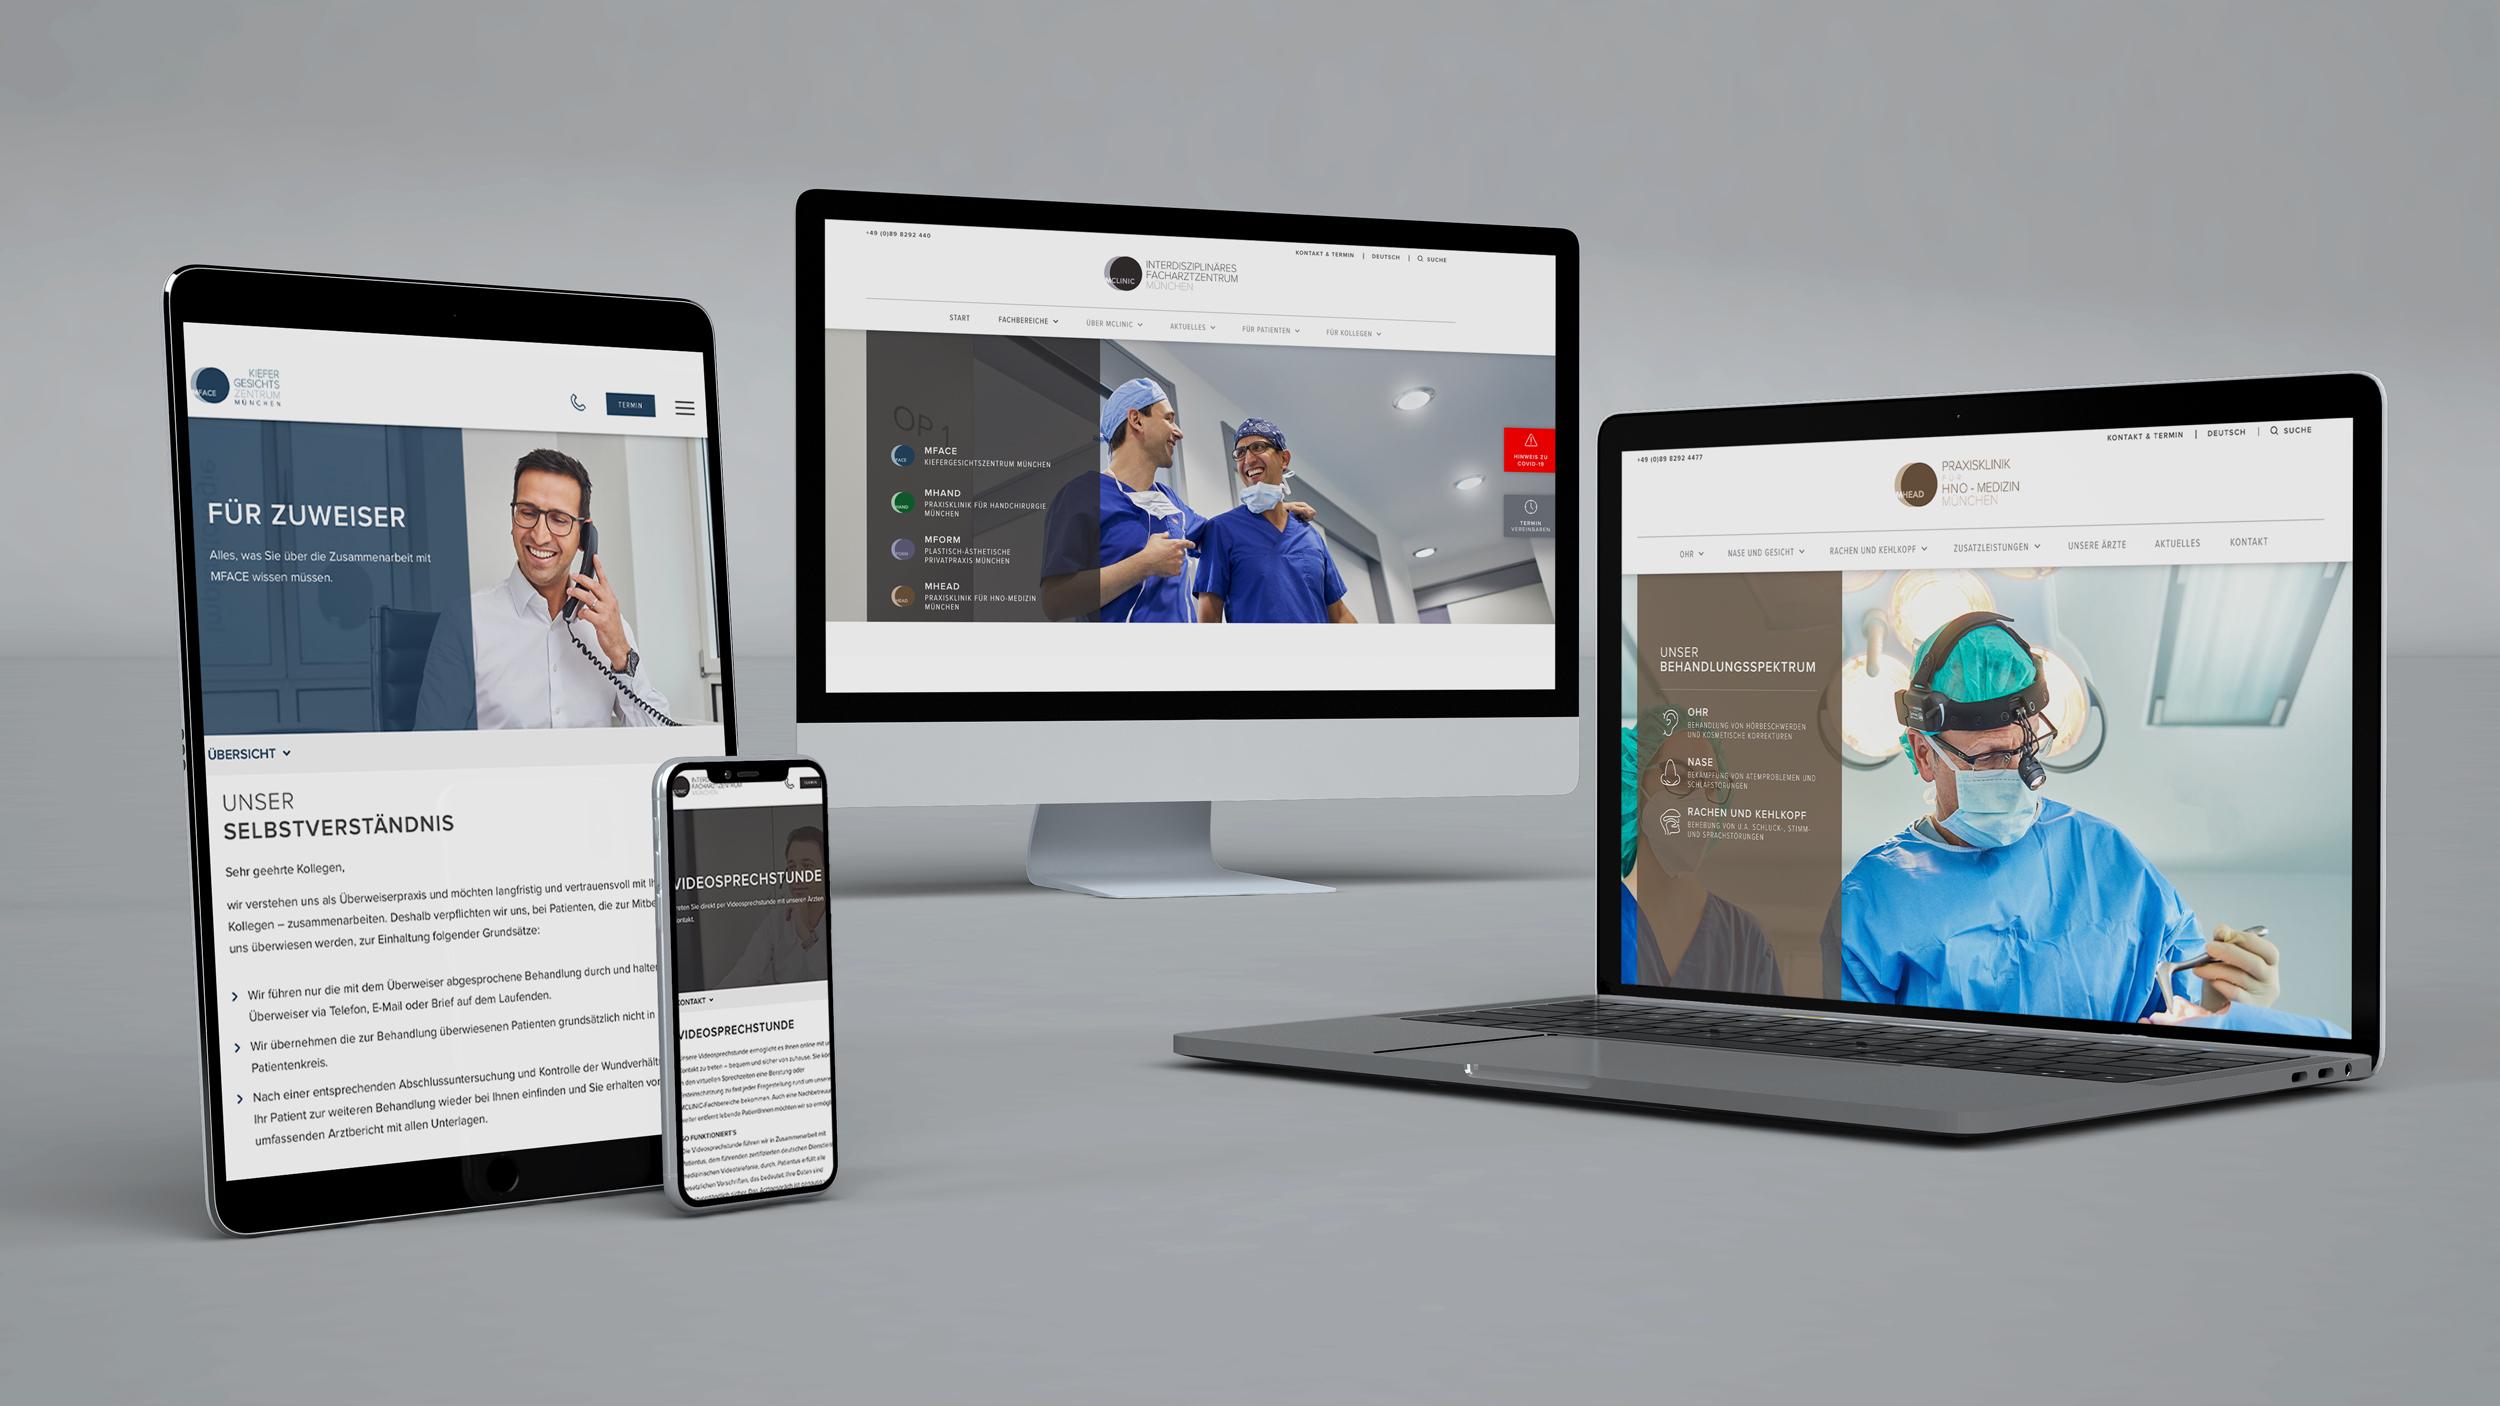 Seit Kurzem erstrahlt die MCLINIC-Webseite in einem komplett neuen Design.